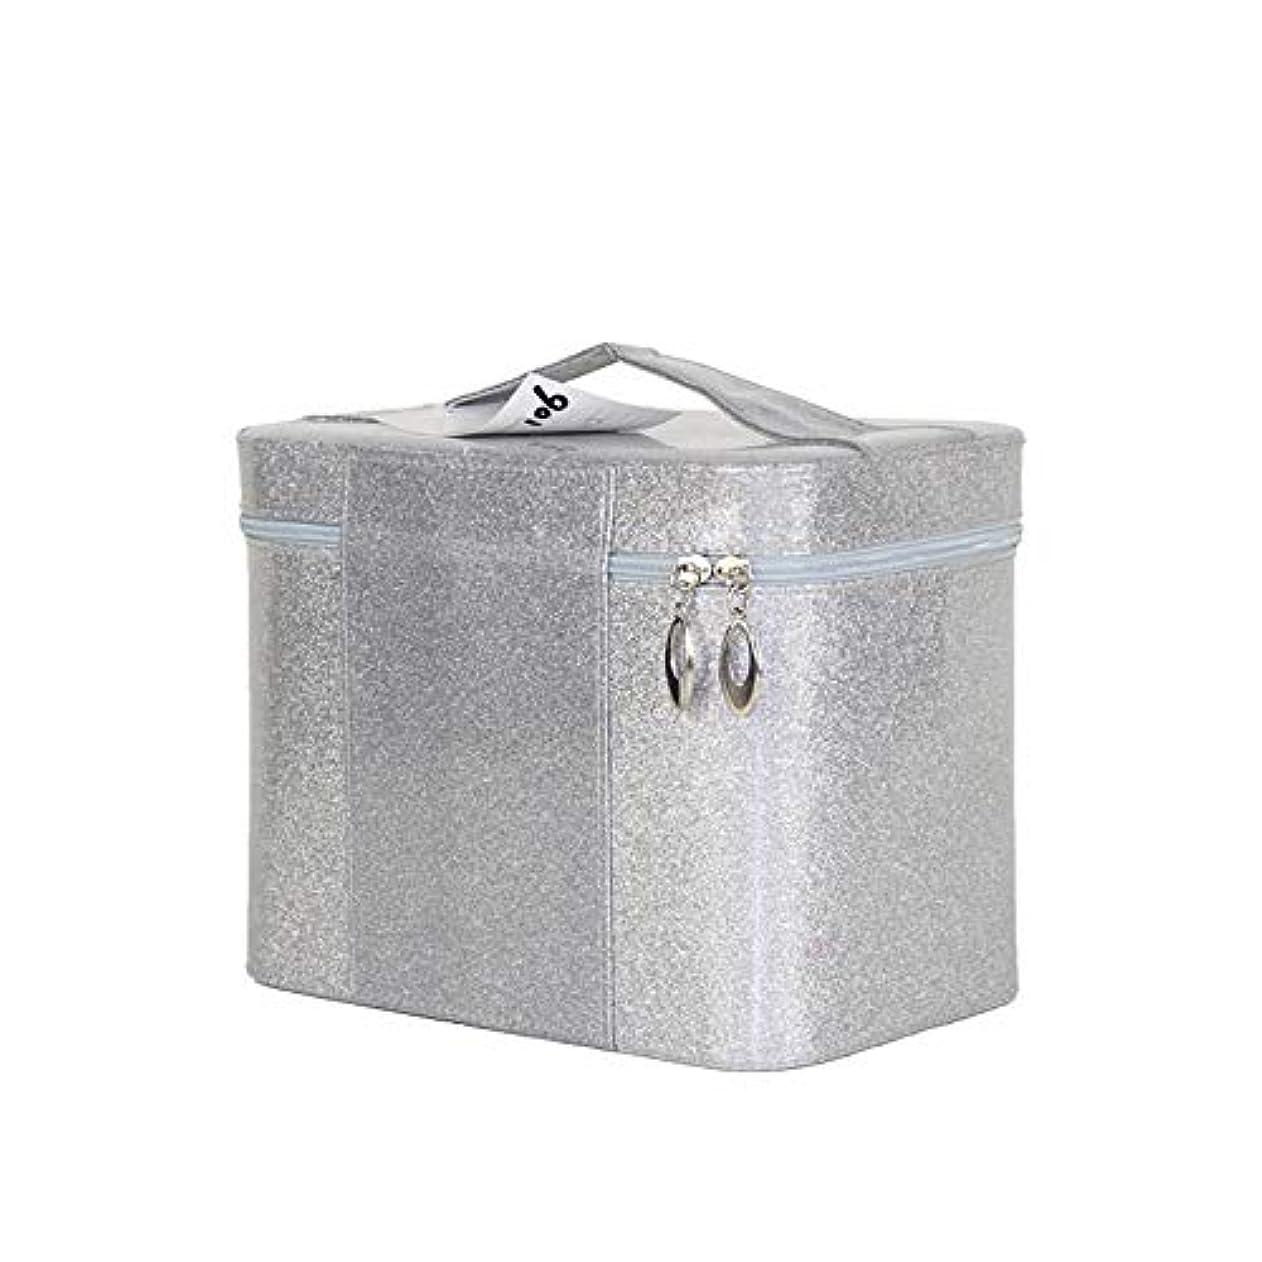 適度に発送拷問化粧オーガナイザーバッグ ジッパーで小さなものの種類のための旅行のための美容メイクアップのための純粋な色のポータブル化粧品バッグ 化粧品ケース